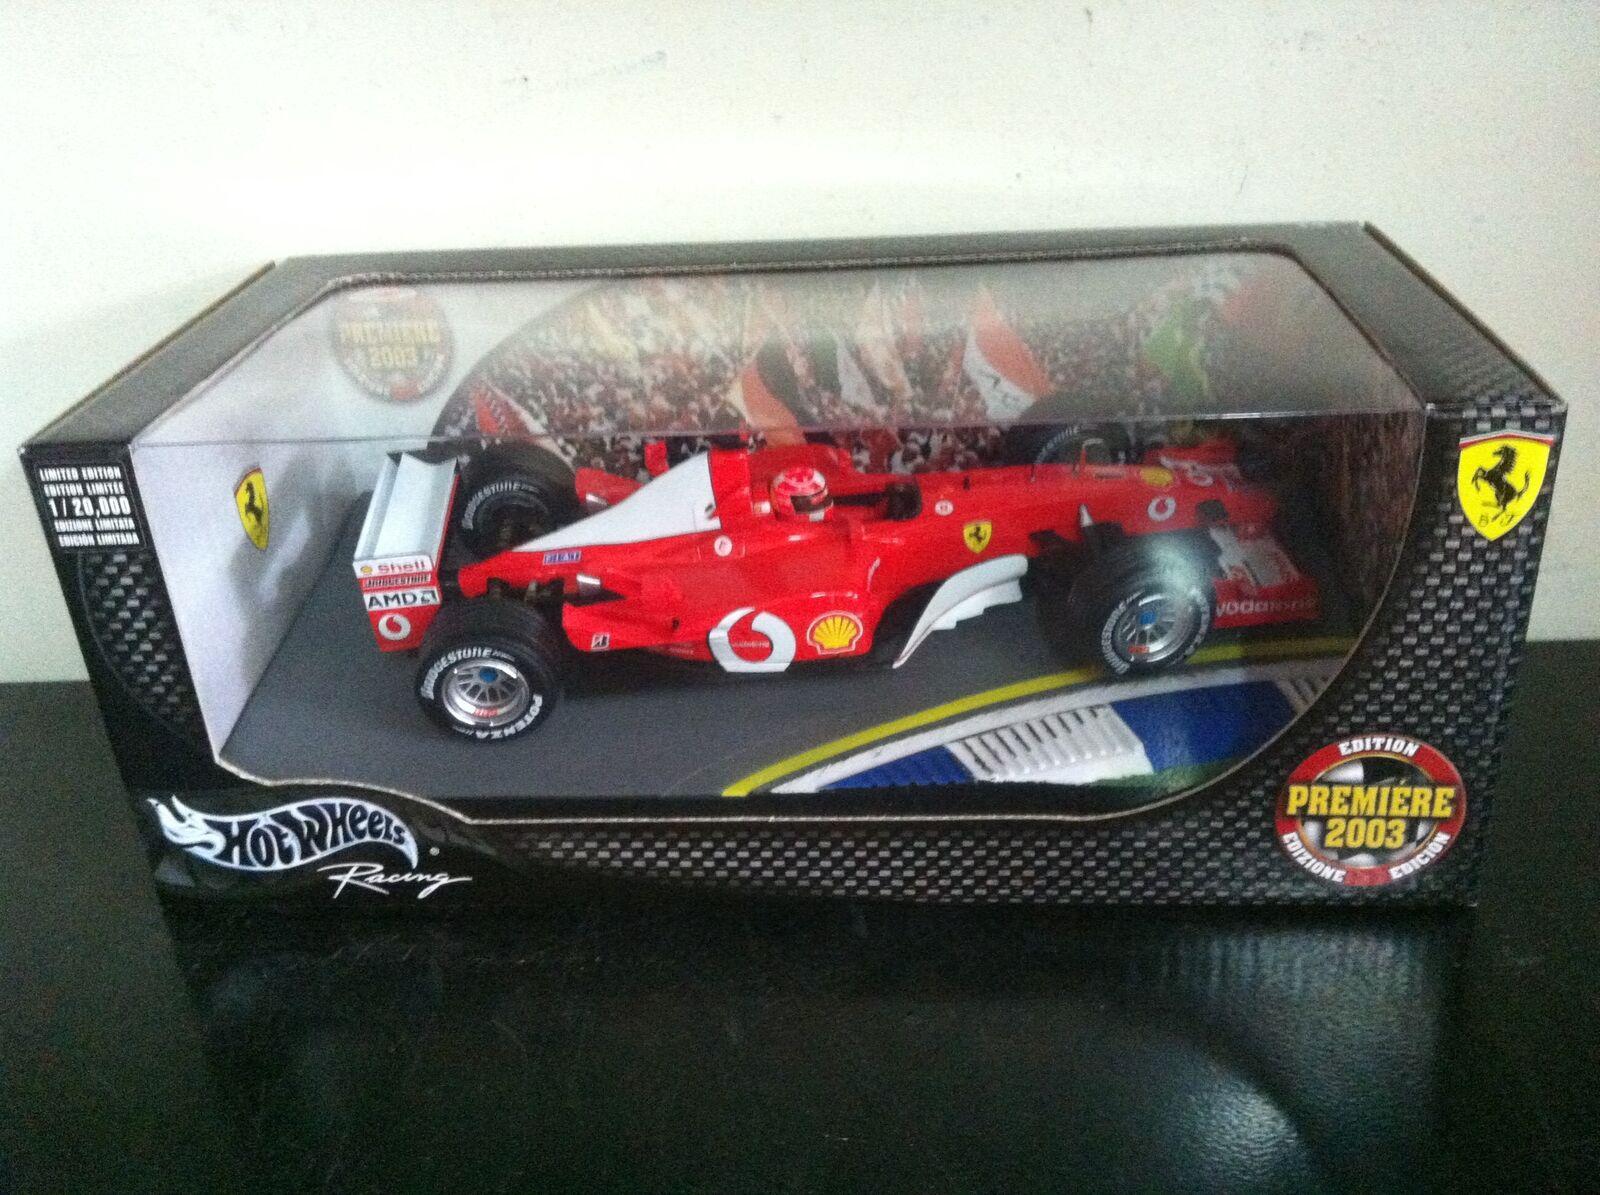 Mattel Hot Wheels 1 18 F1 FERRARI F-2003 Schumacher PREMIERE EDITION MIB, 2003